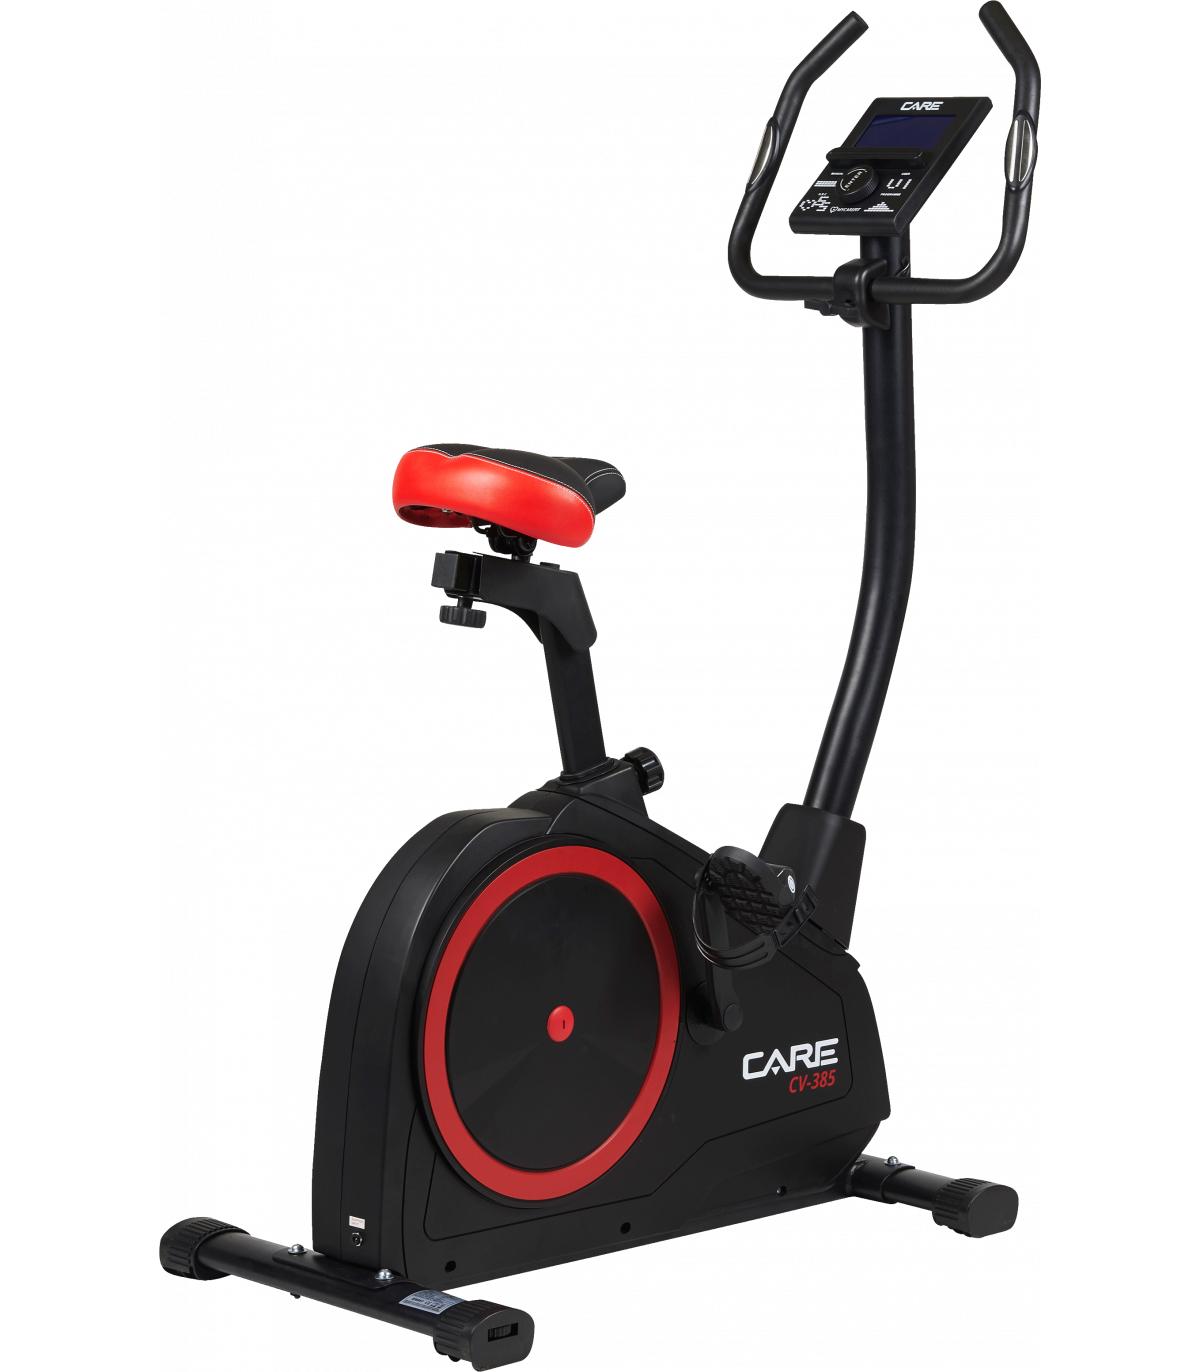 [Pré-commande] Vélo d'appartement connecté Care CV-385 (avec écran LCD) - CareFitness.com